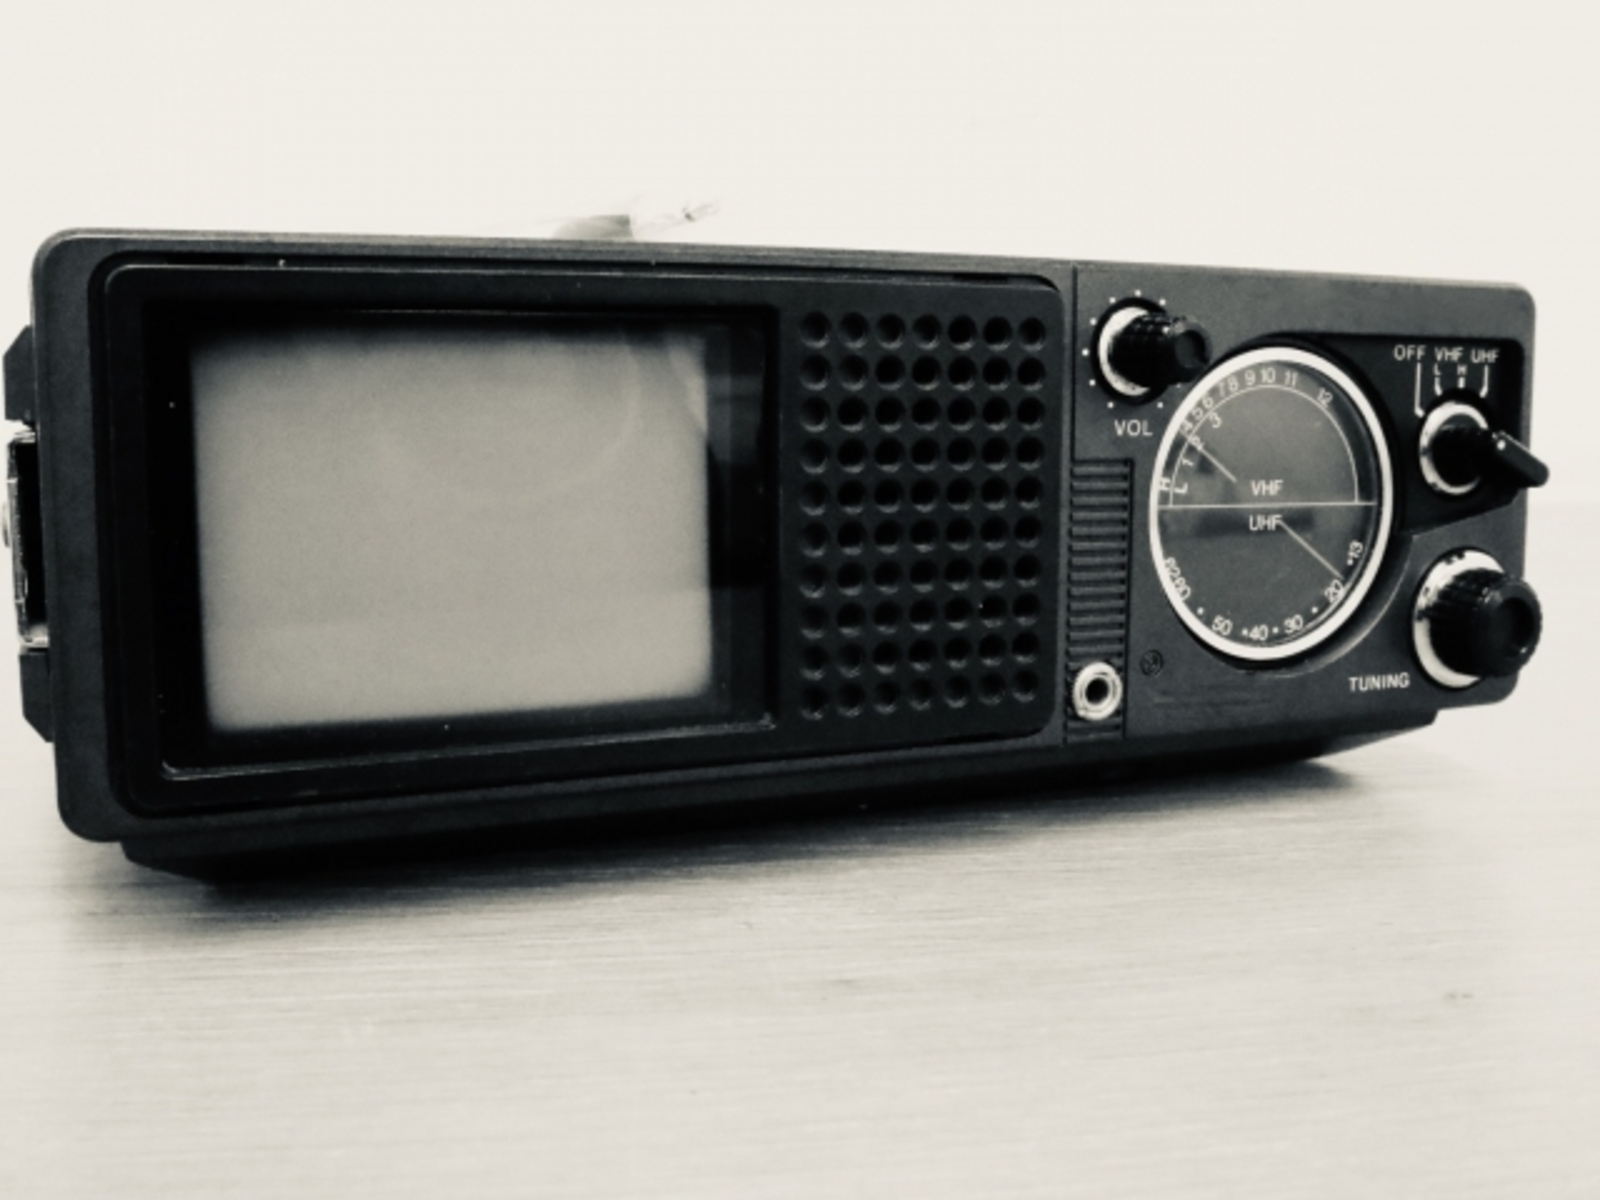 1月26日、ラジオ取材を受けさせていただきます